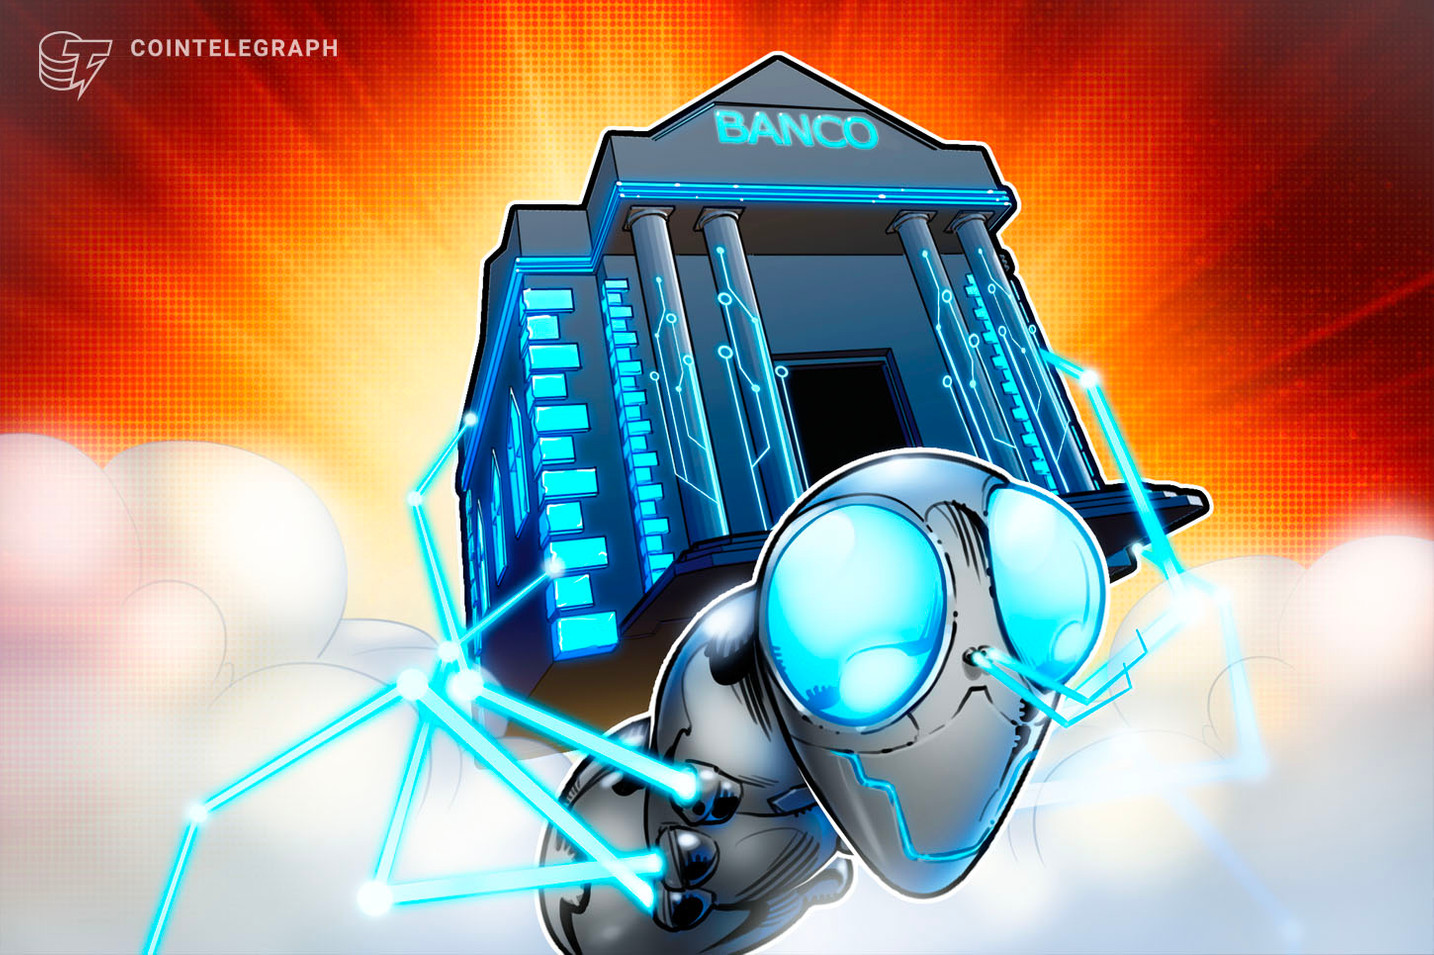 Banco Central incentiva criação de plataforma em blockchain para identidade digital descentralizada usando R3